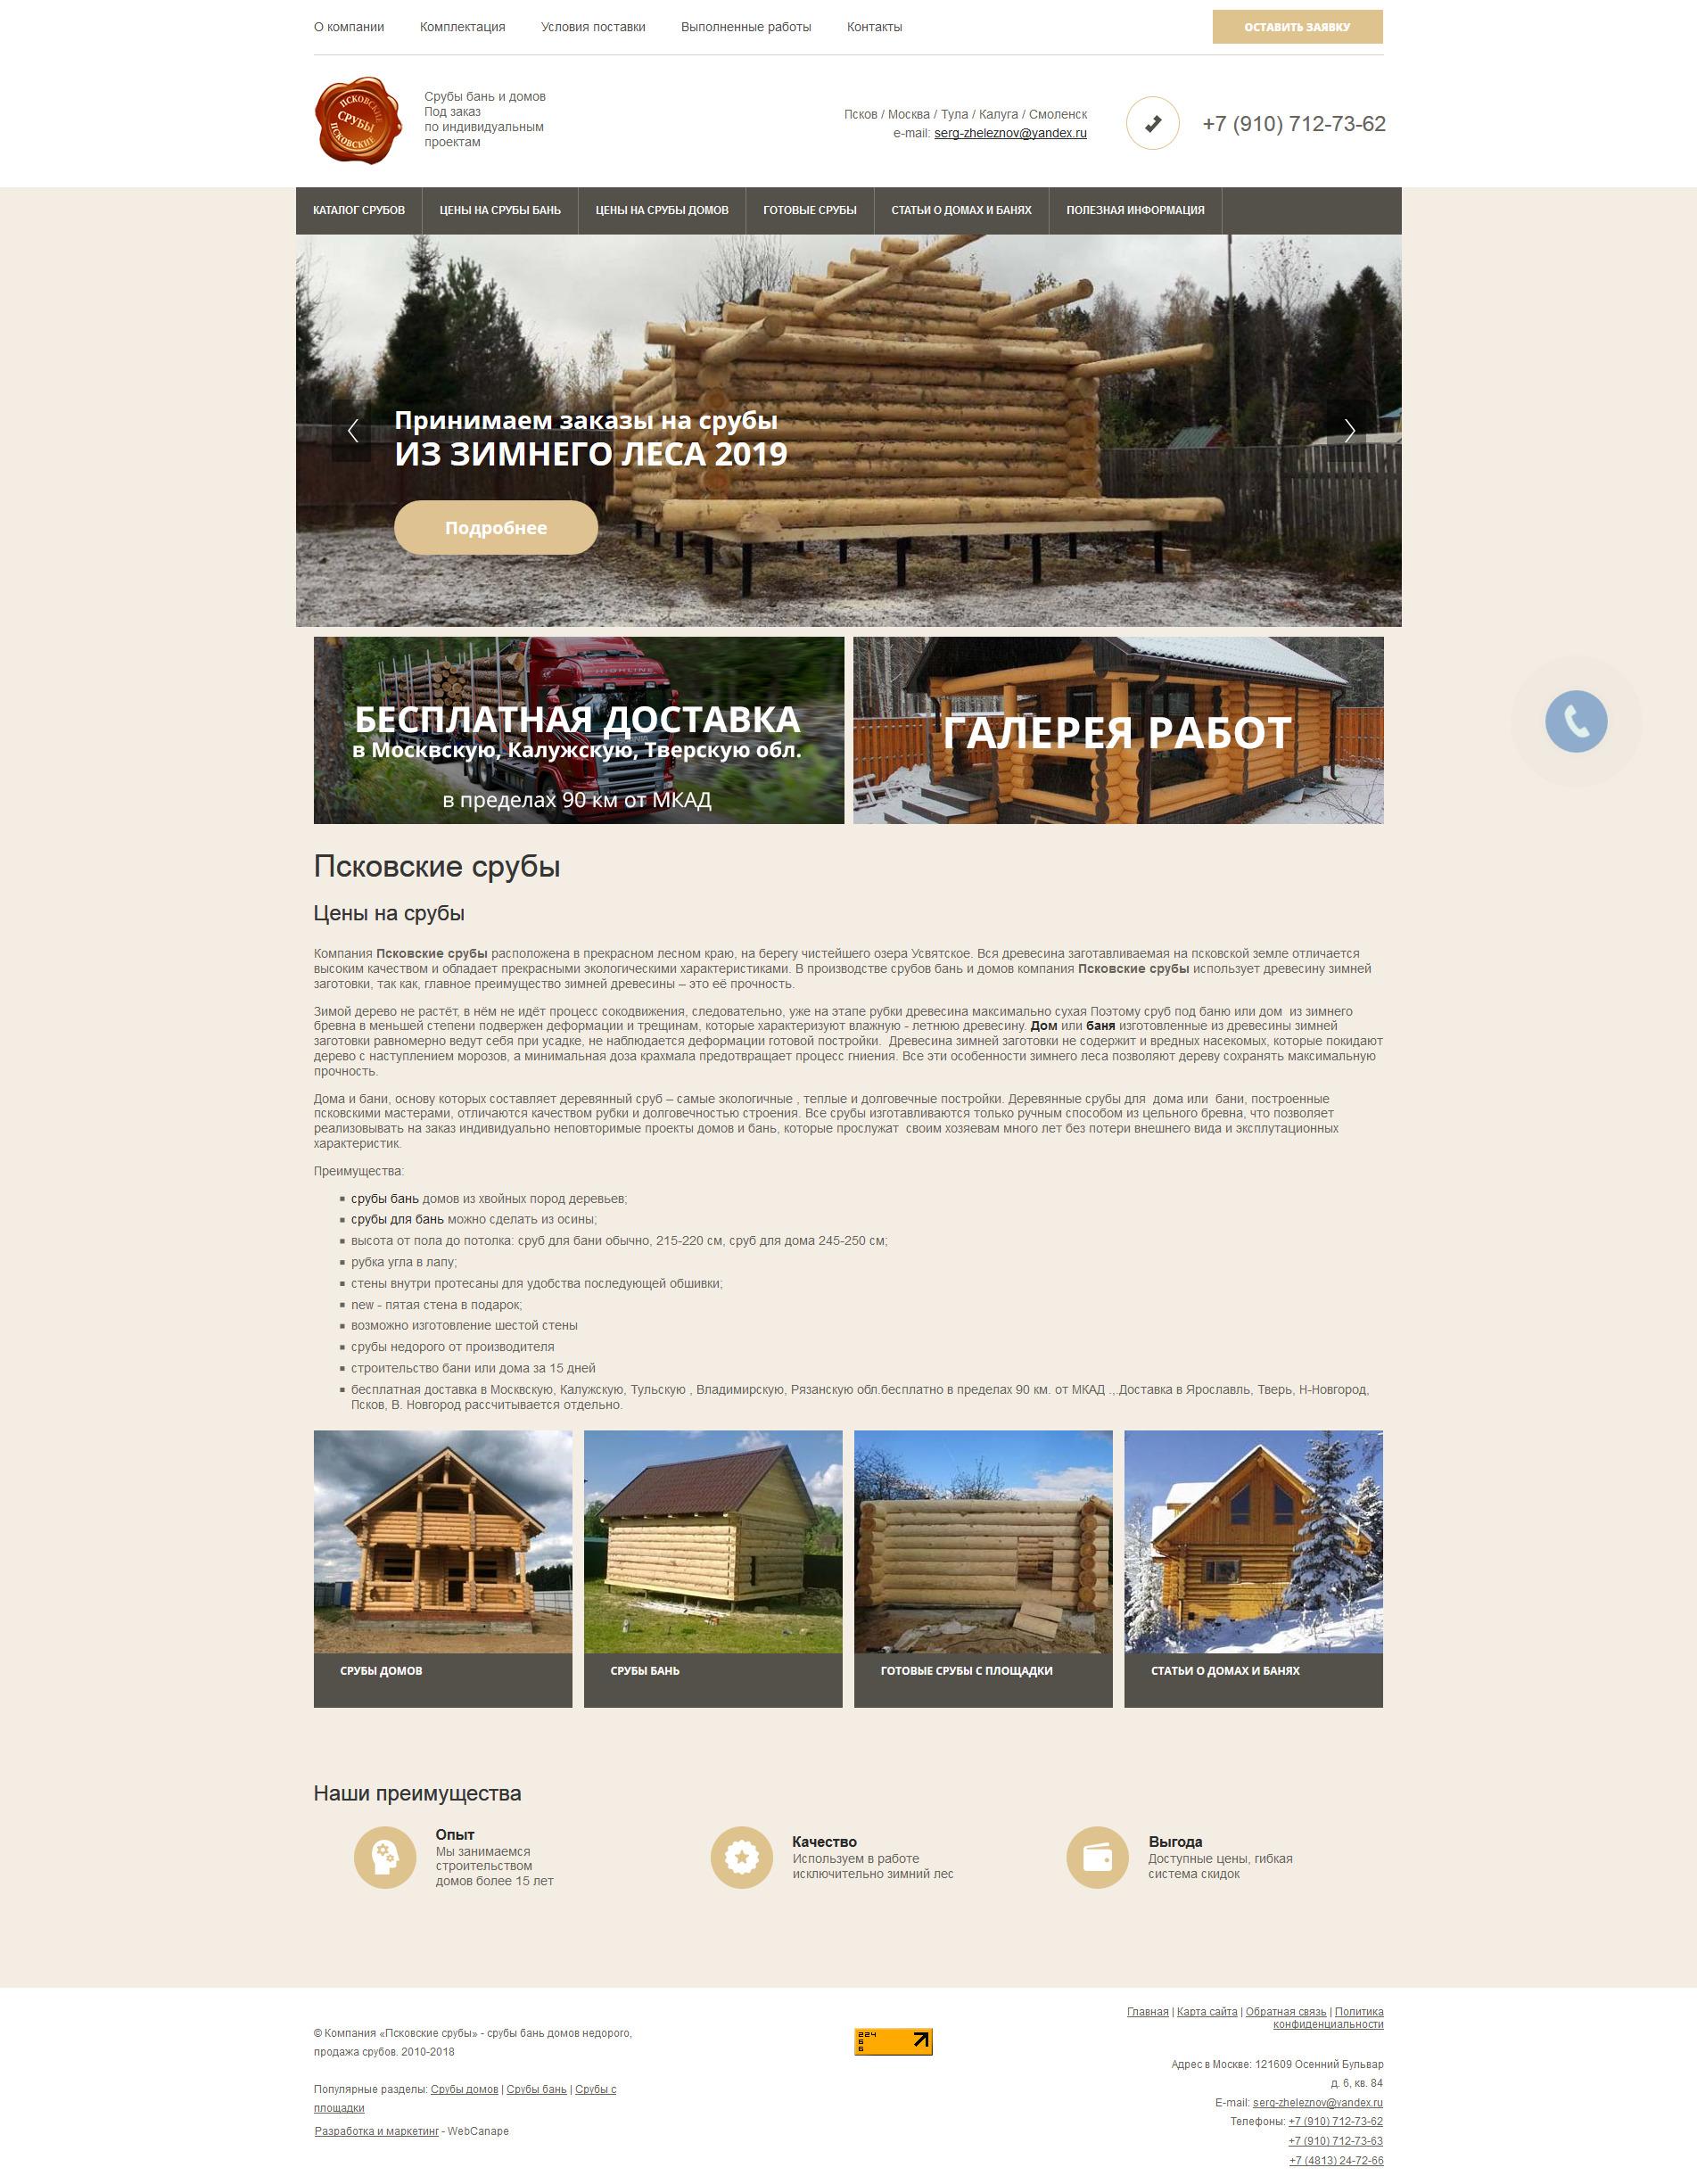 Сайт по продаже и изготовлению срубов